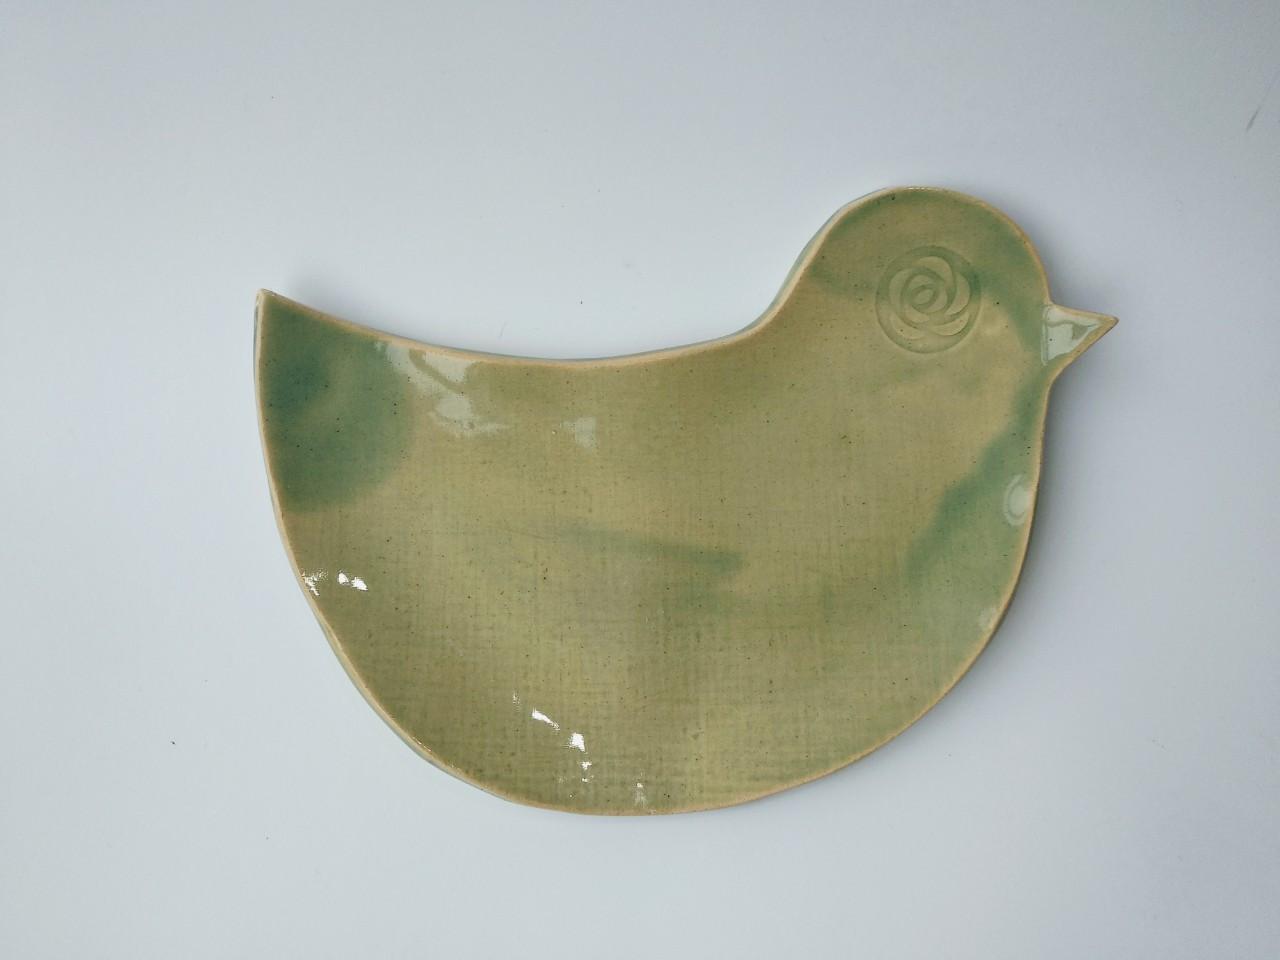 Піала керамічна, тарілка у вигляді пташки